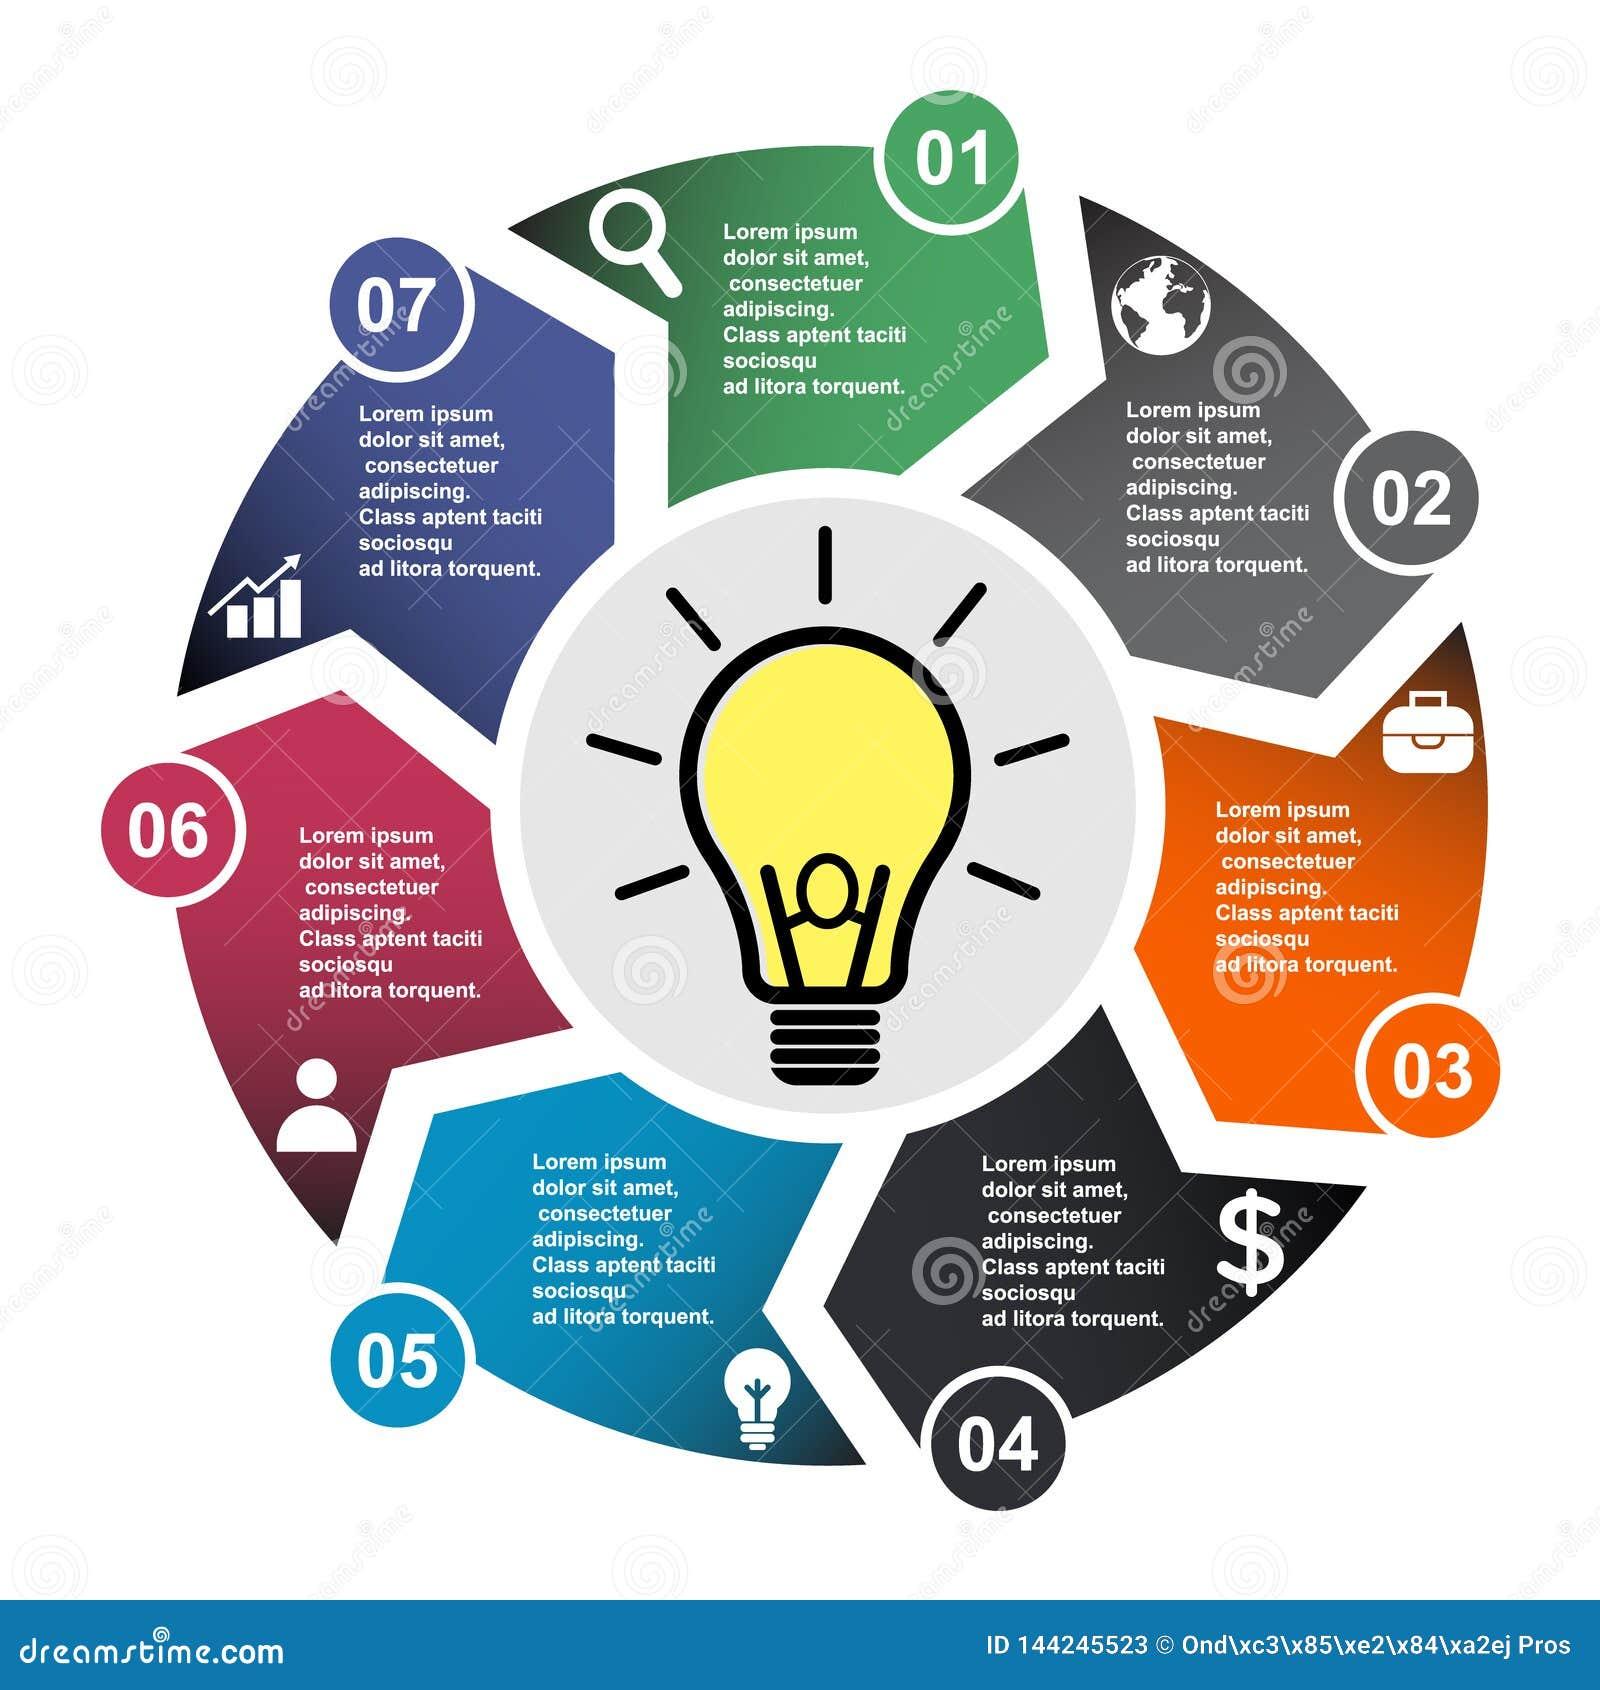 7 stap vectorelement in zeven kleuren met etiketten, infographic diagram Bedrijfsconcept 7 stappen of opties met gloeilamp